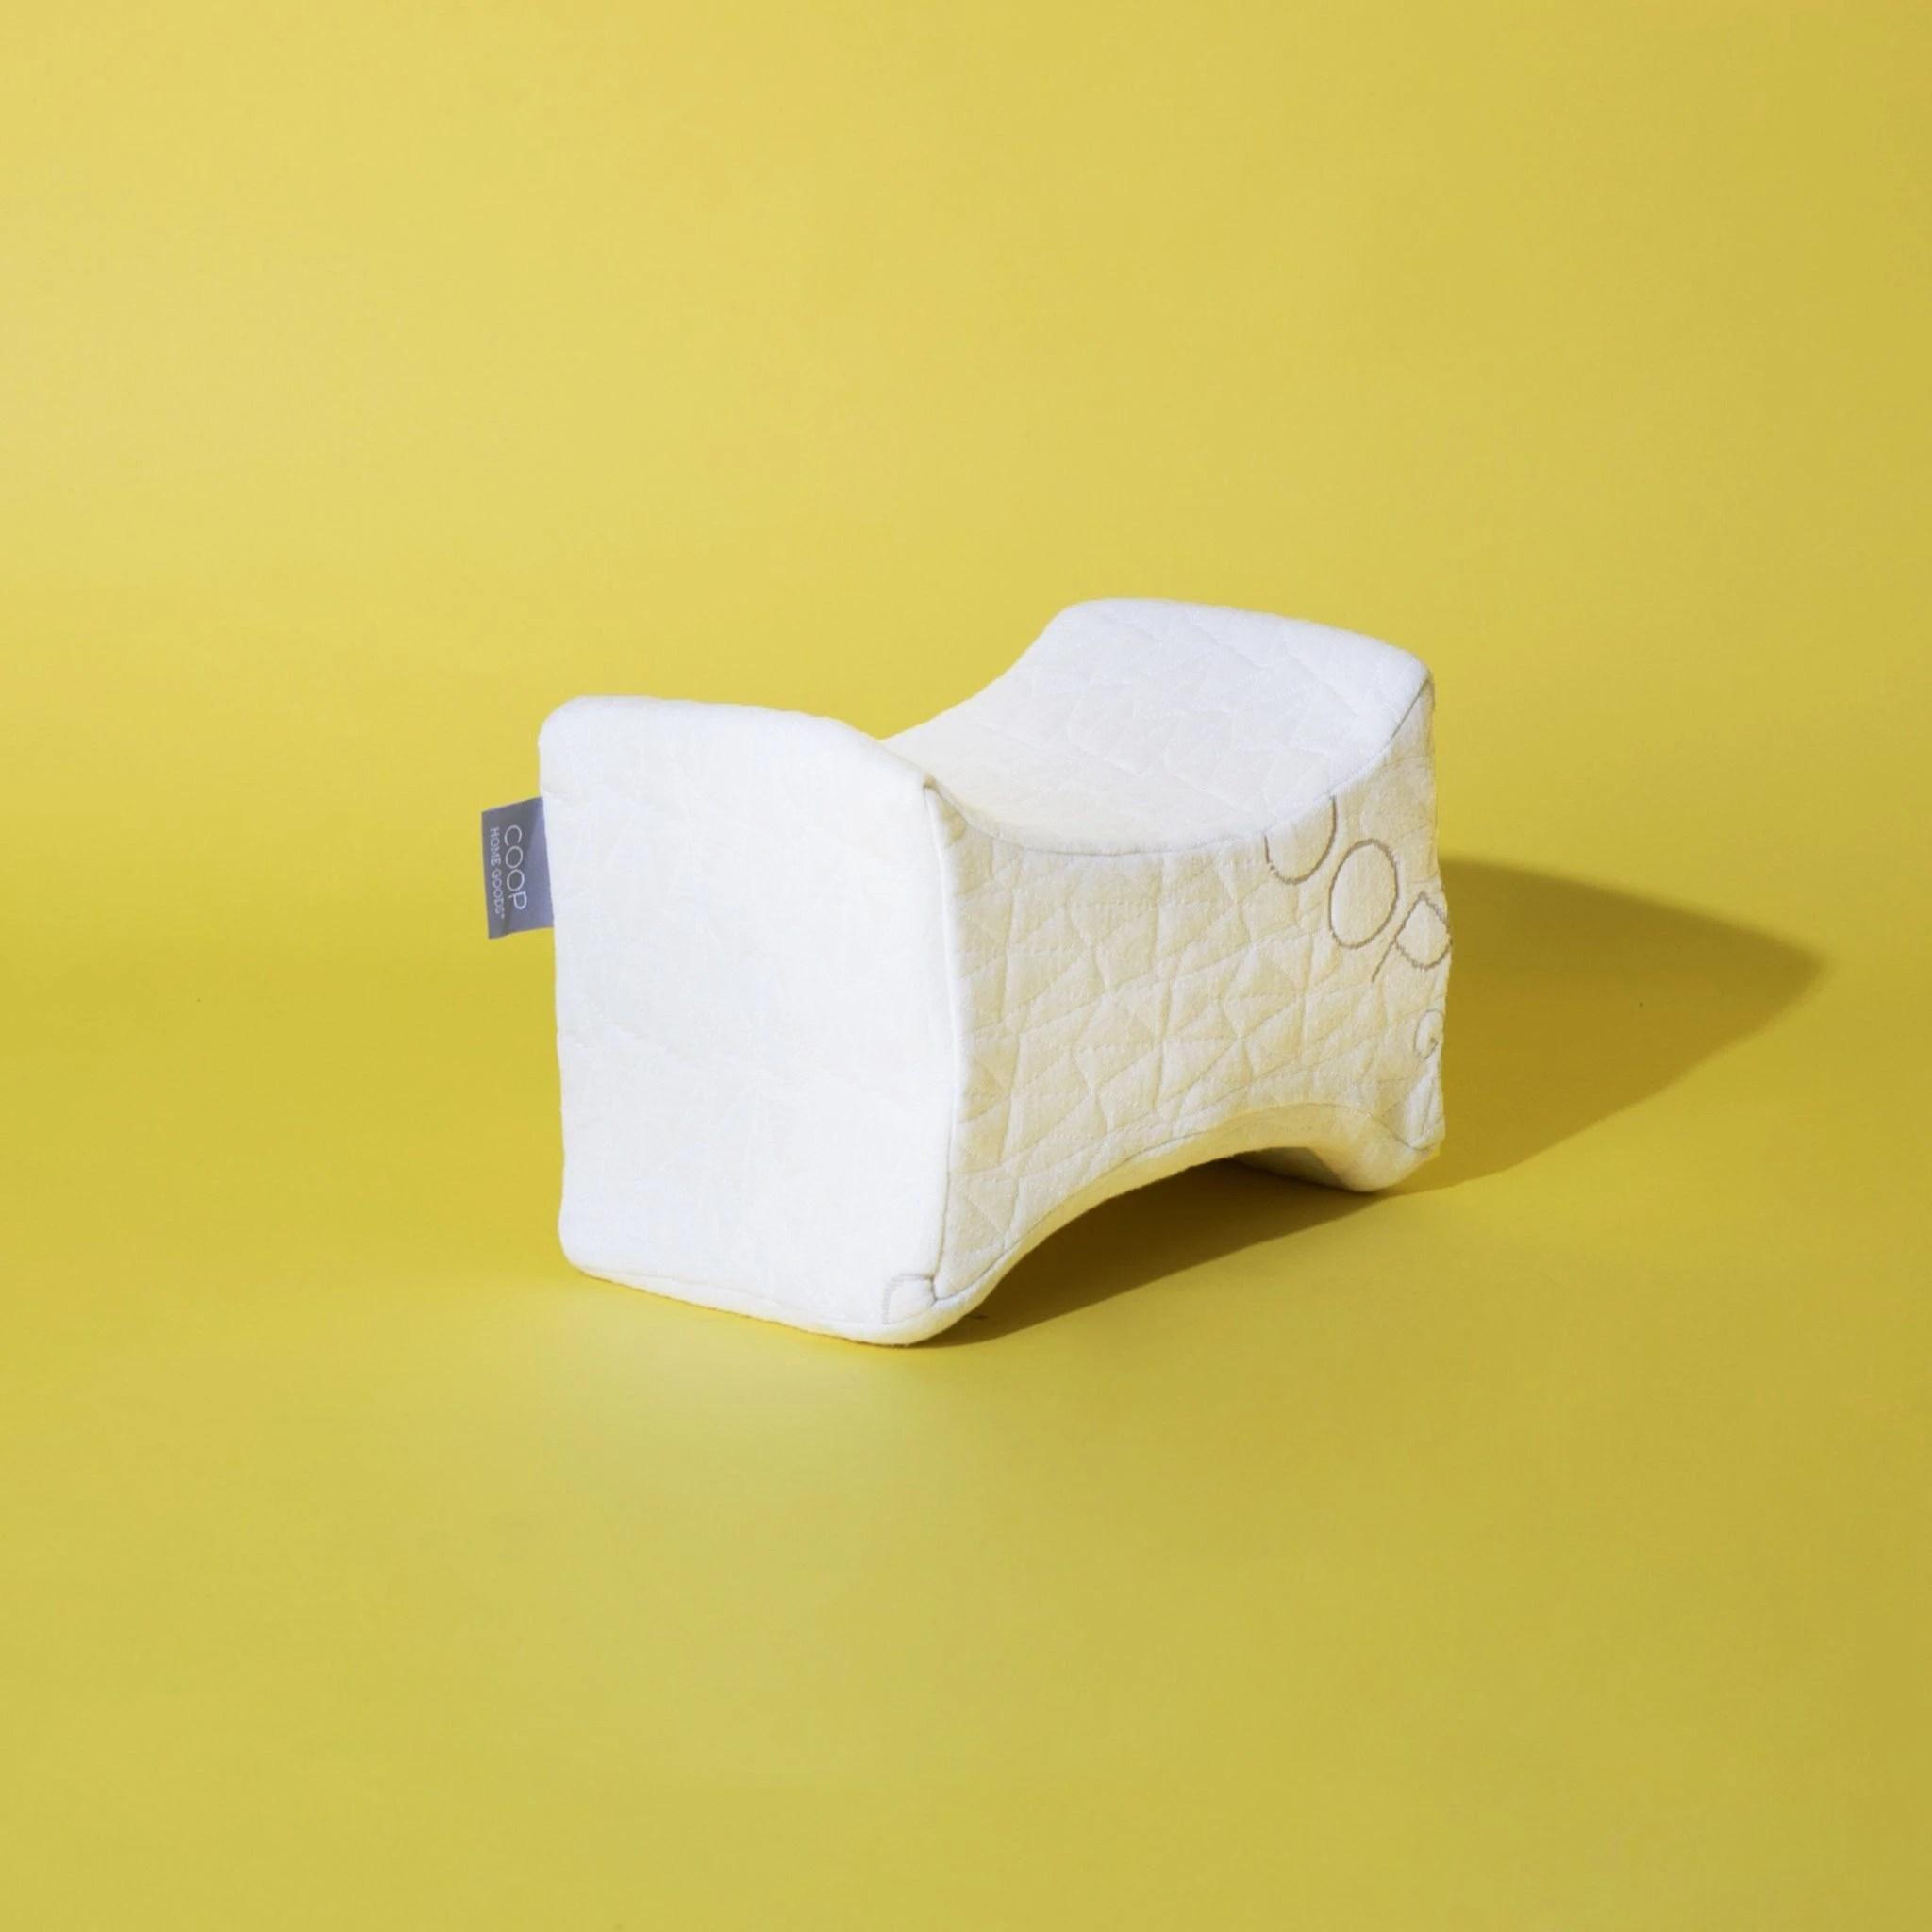 coop home goods memory foam knee pillow